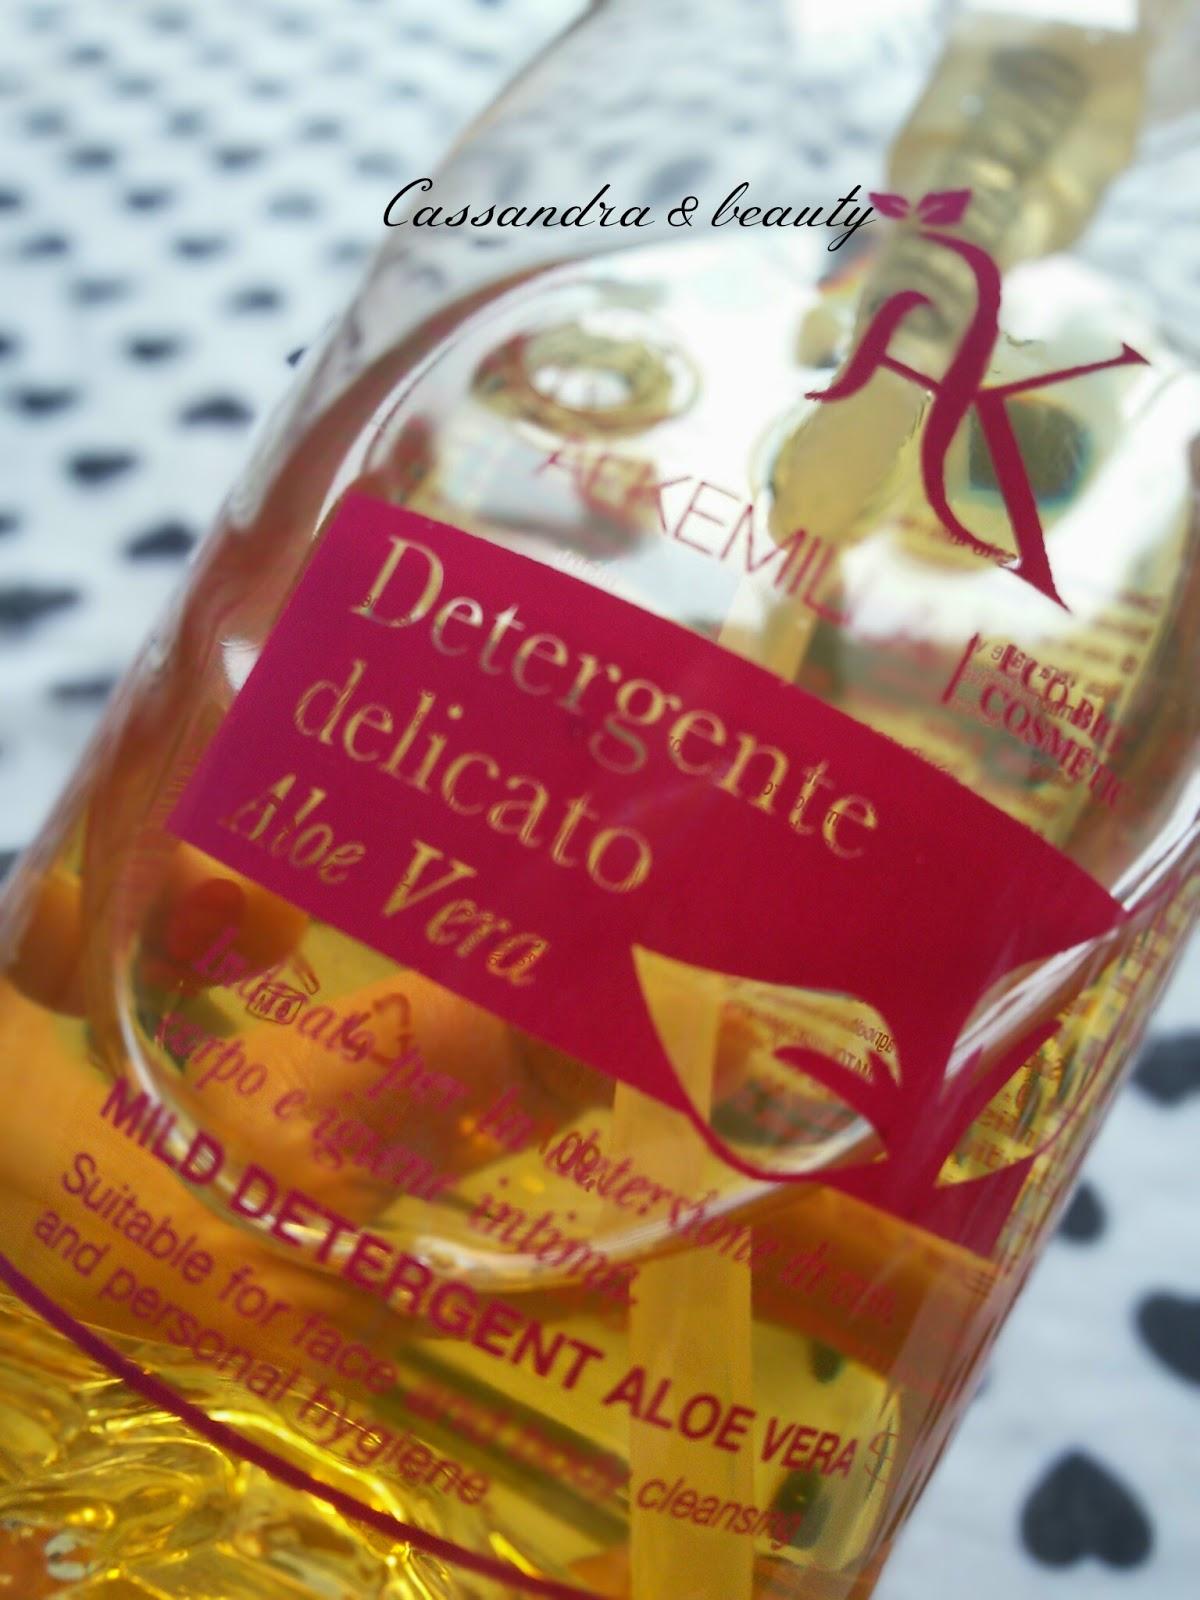 Alkemilla / Detergente delicato all'Aloe Vera - recensione